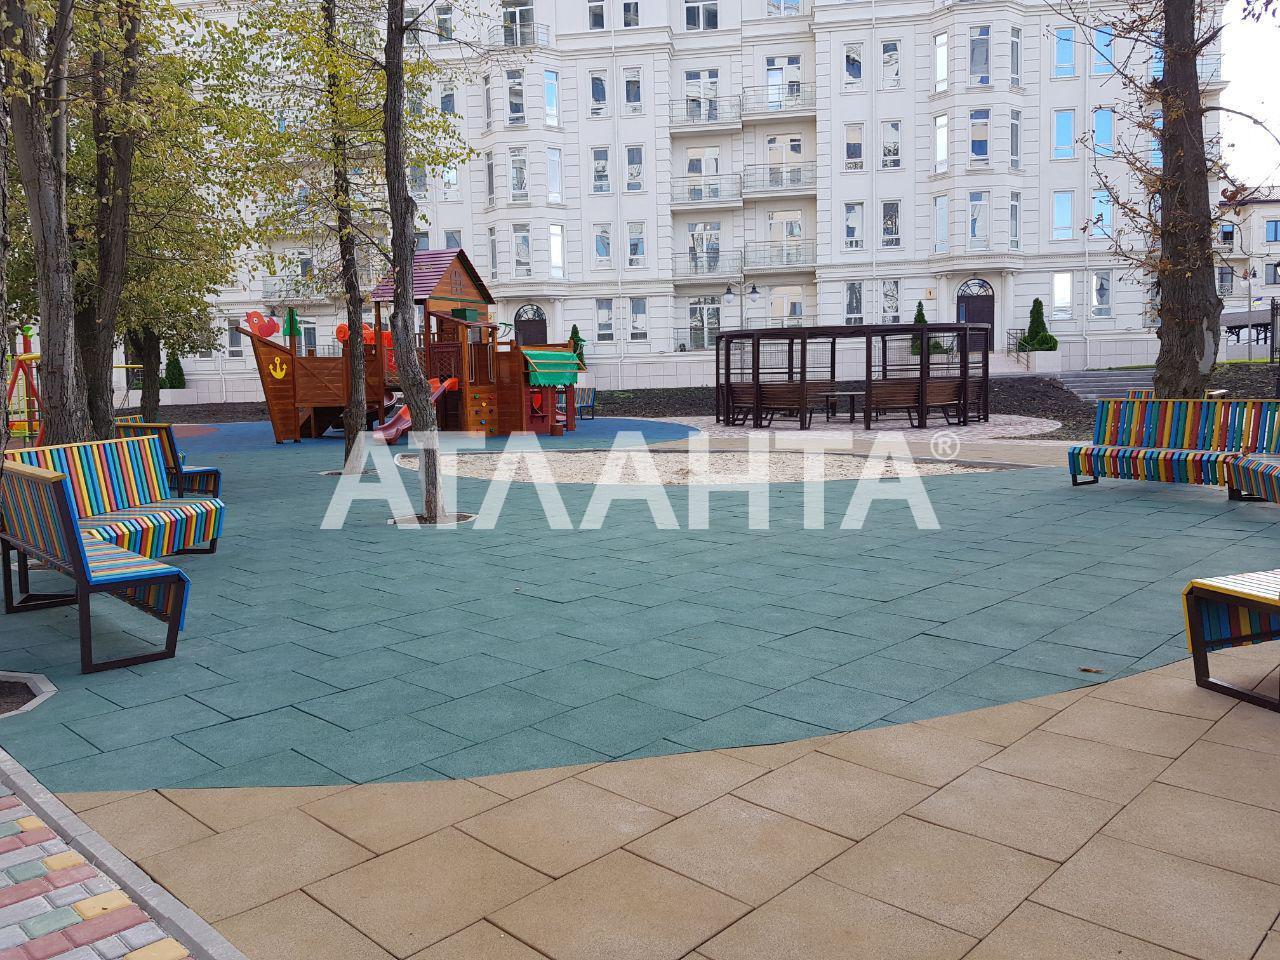 Продается 1-комнатная Квартира на ул. Фонтанская Дор. (Перекопской Дивизии) — 41 500 у.е. (фото №3)